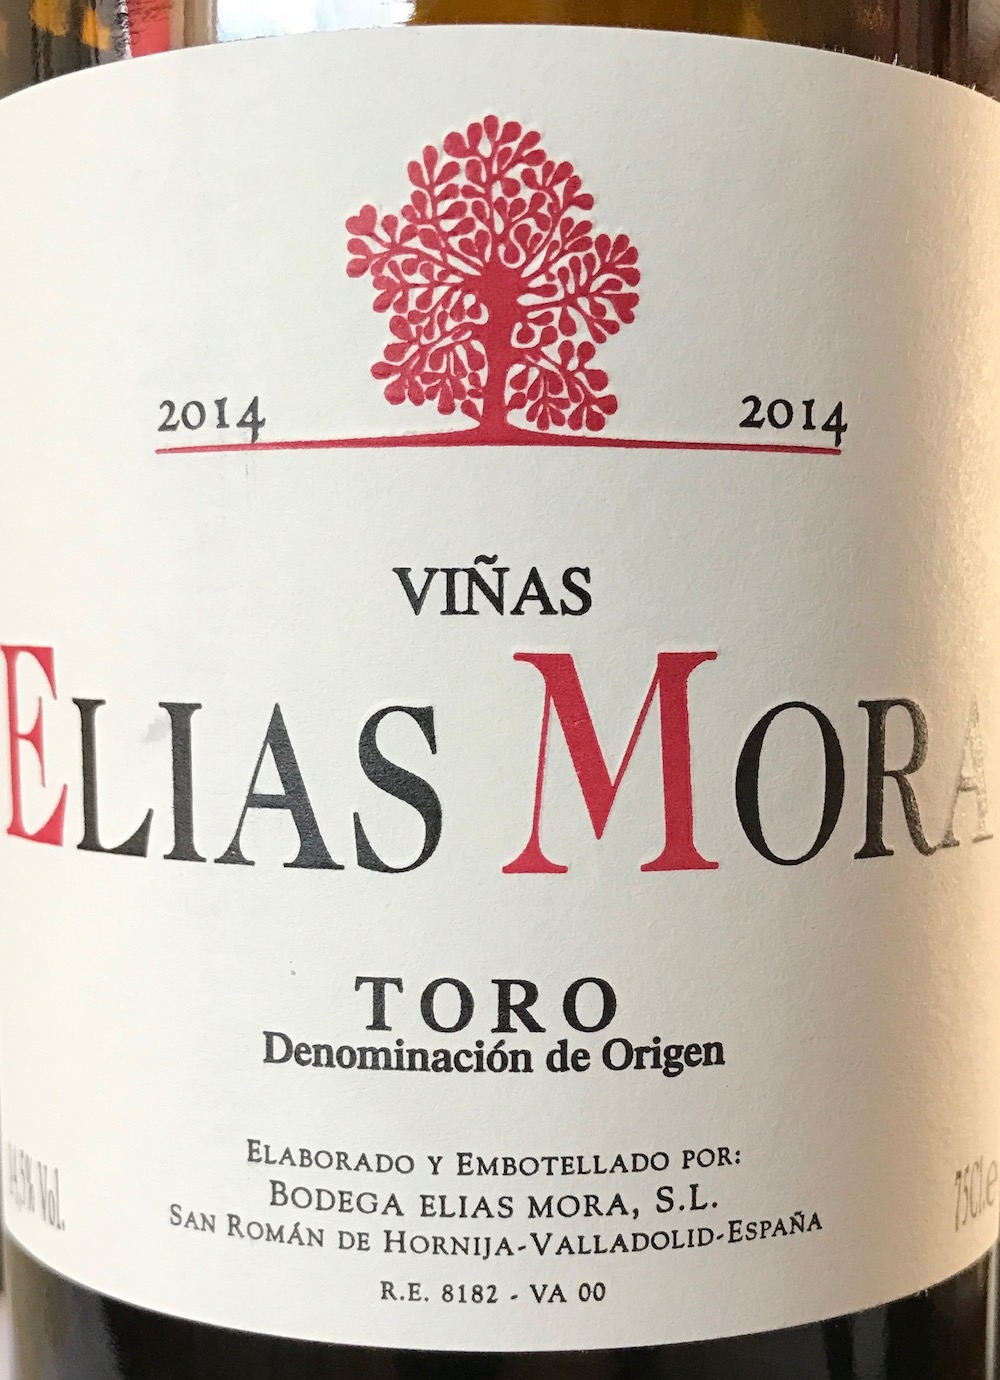 2014 Viñas Elias Mora